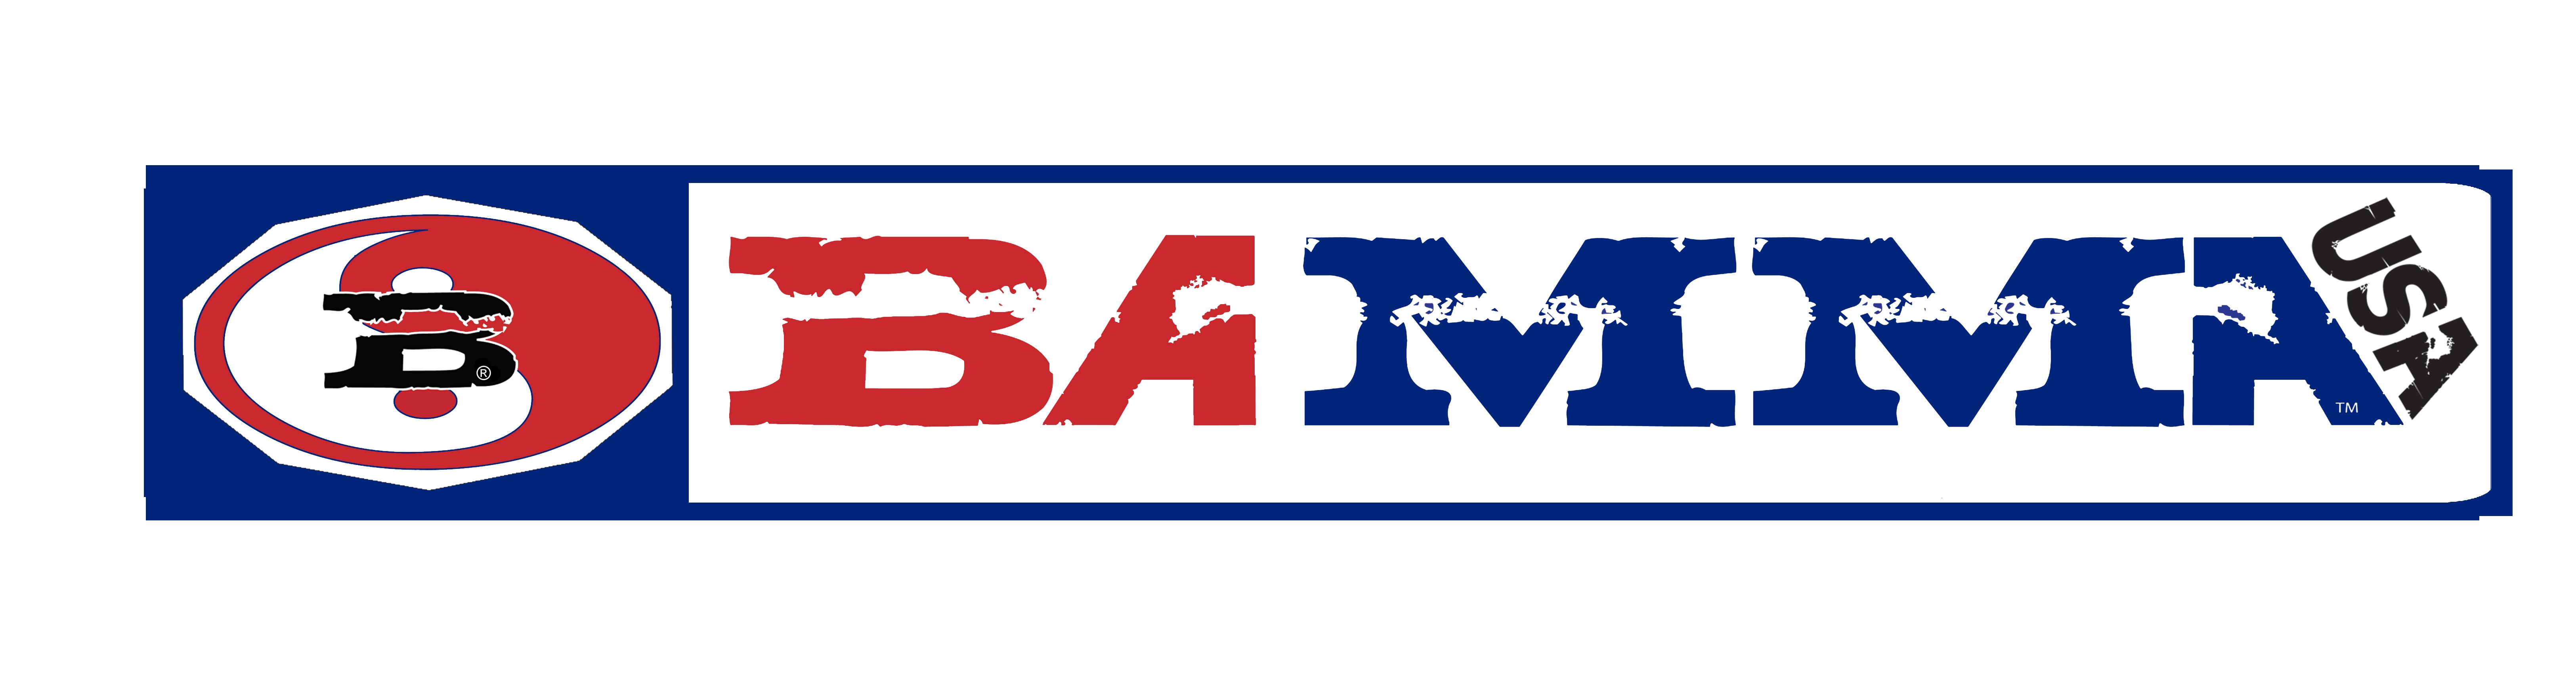 Bamma-USA-Logo